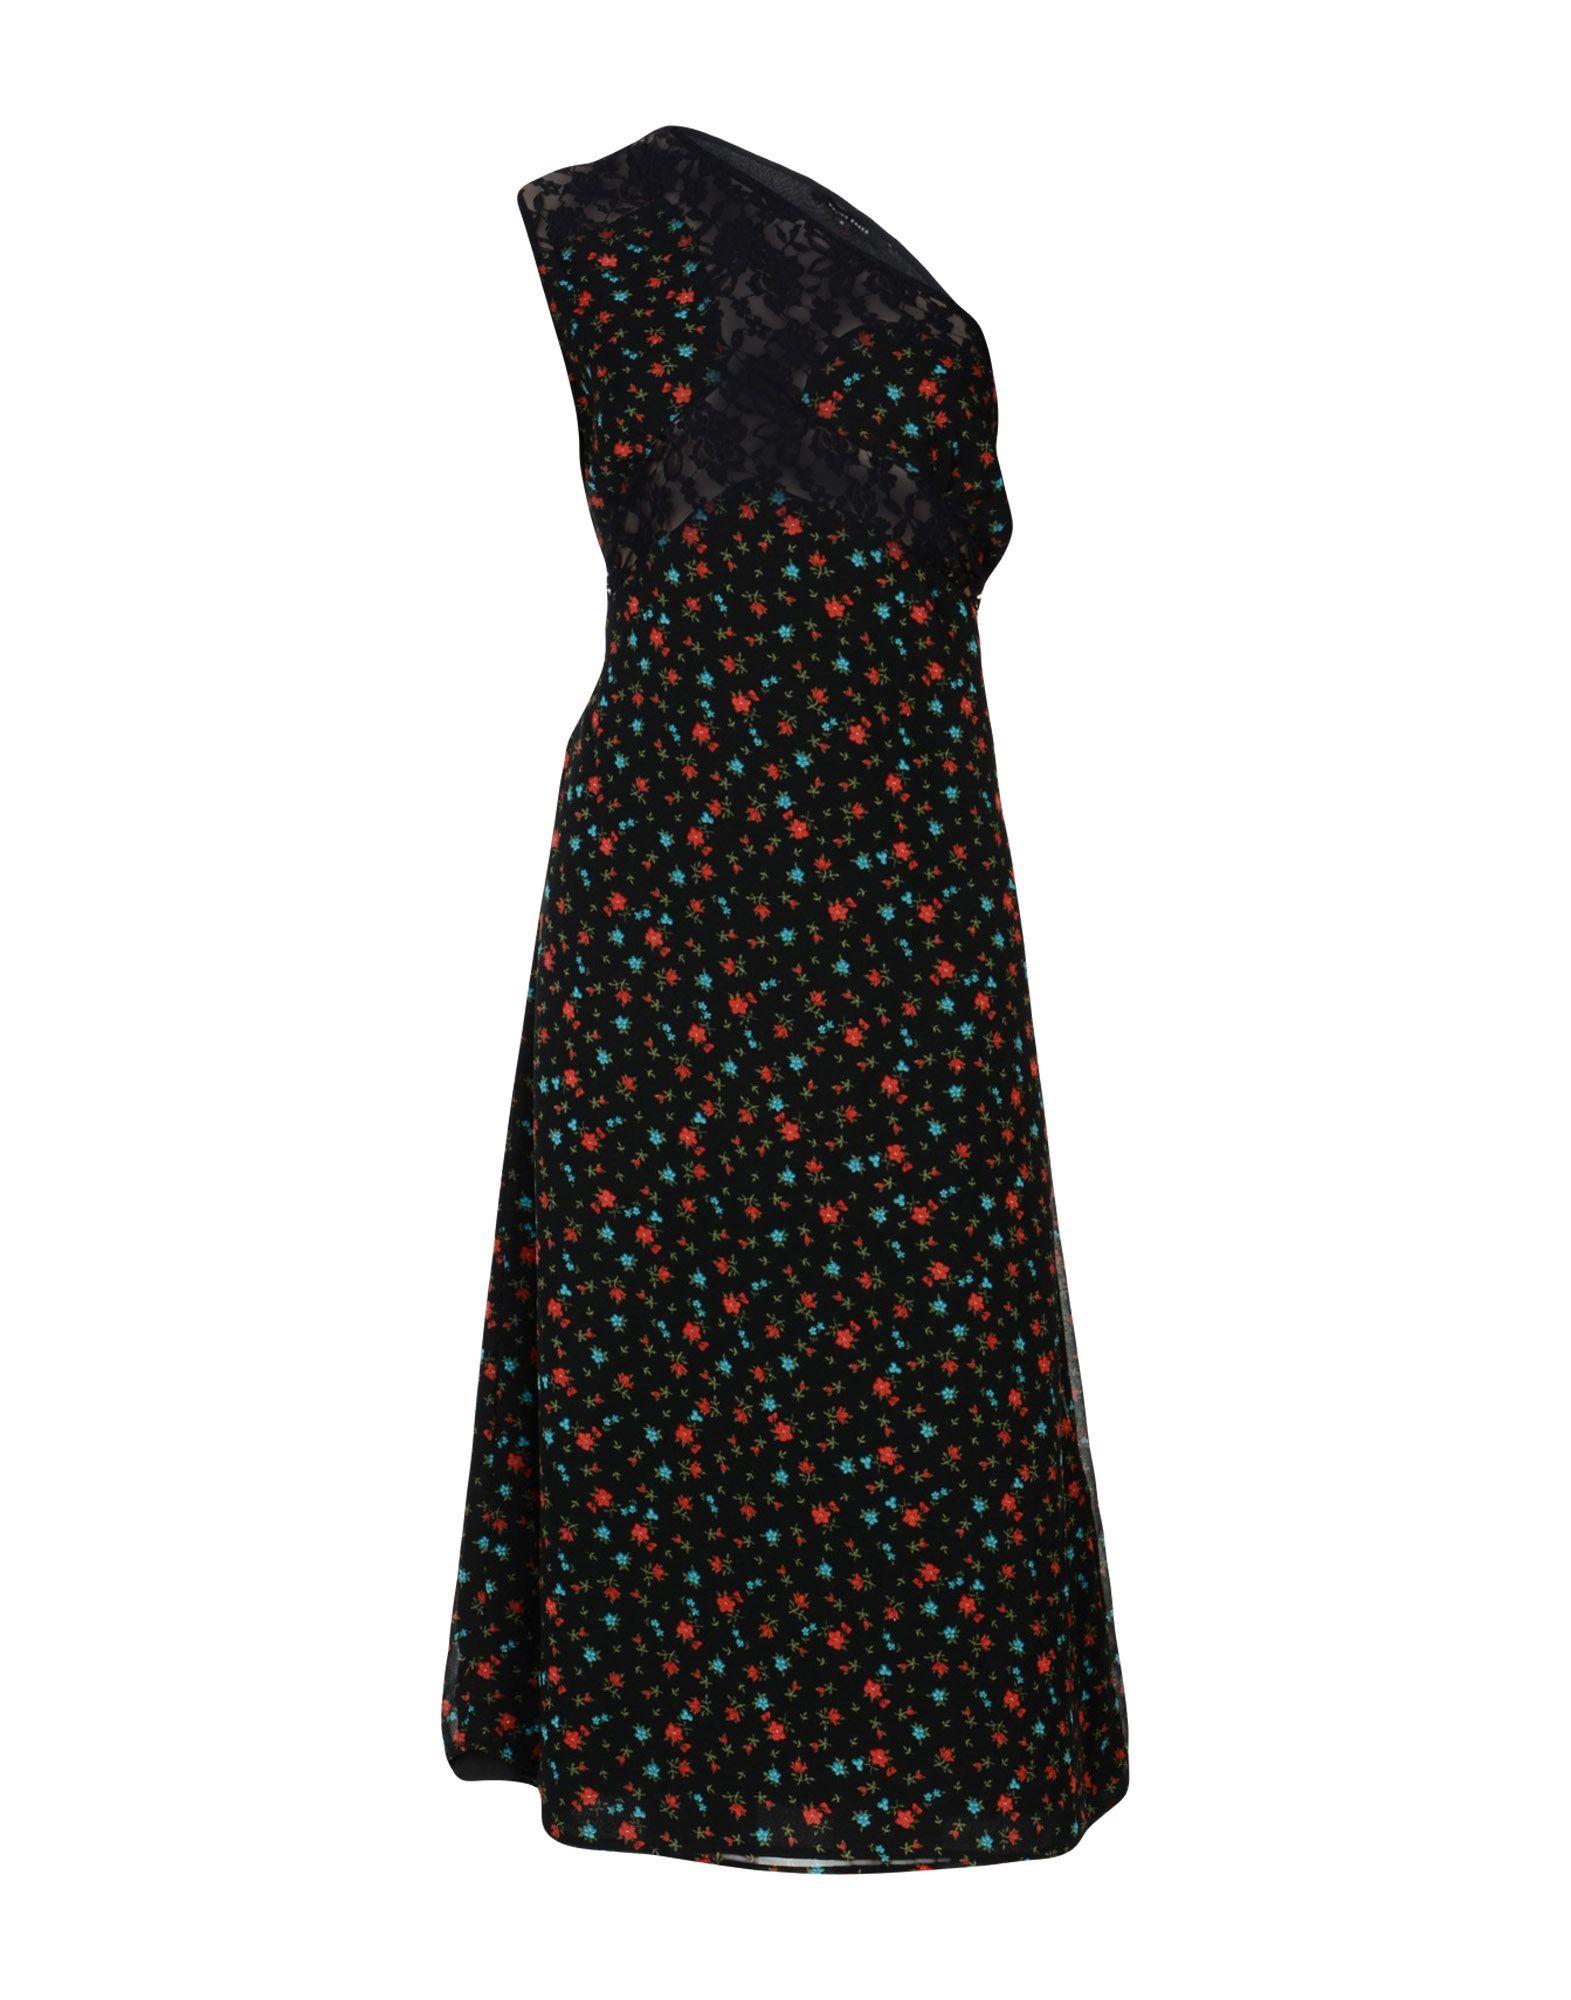 WALTER BAKER Длинное платье 923 зима полный дрель бархат вечернее платье длинное плечо банкет тост одежды тонкий тонкий хост